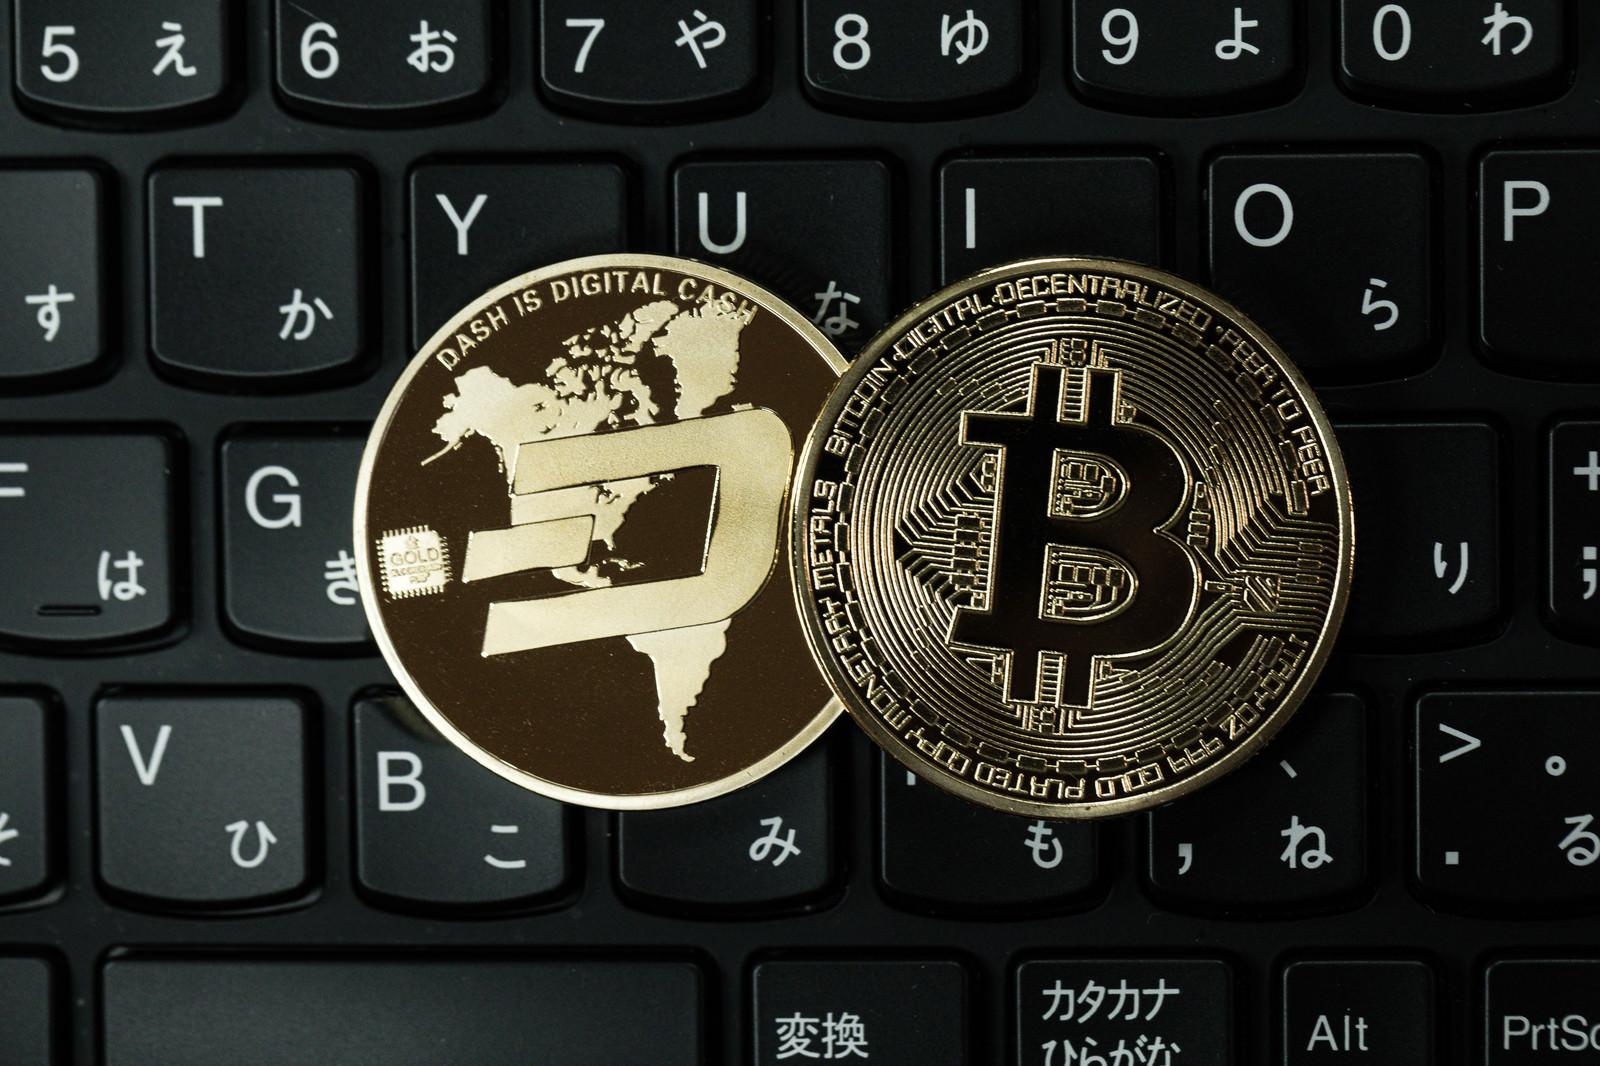 「ダッシュコインとビットコイン」の写真